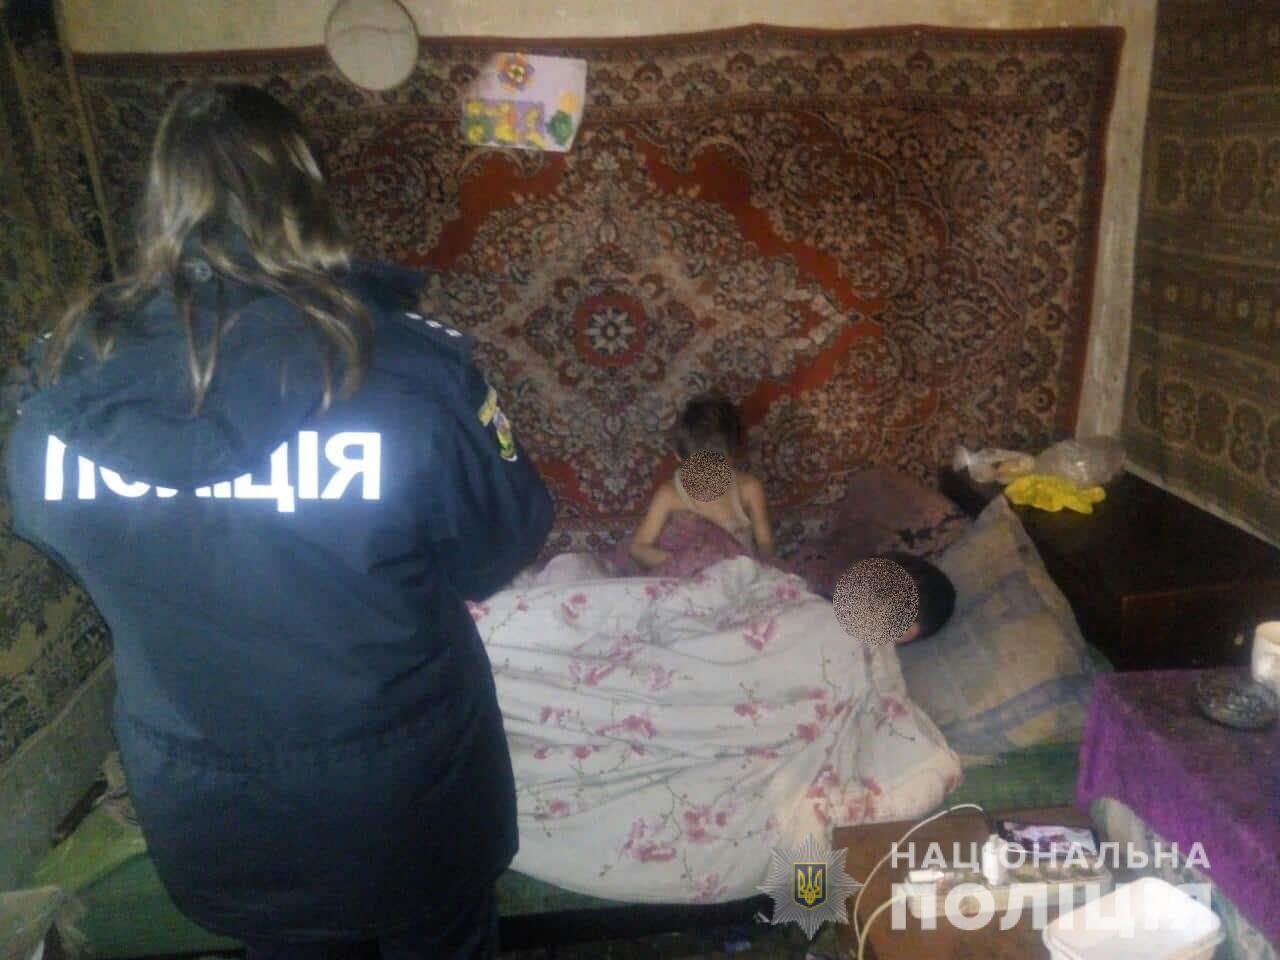 У холоді і хворі: трьох дітей поліція забрала у матері на Київщині - Поліція, київщина, Діти, Білоцерківщина, Білоцерківський район, Батьки - zh1